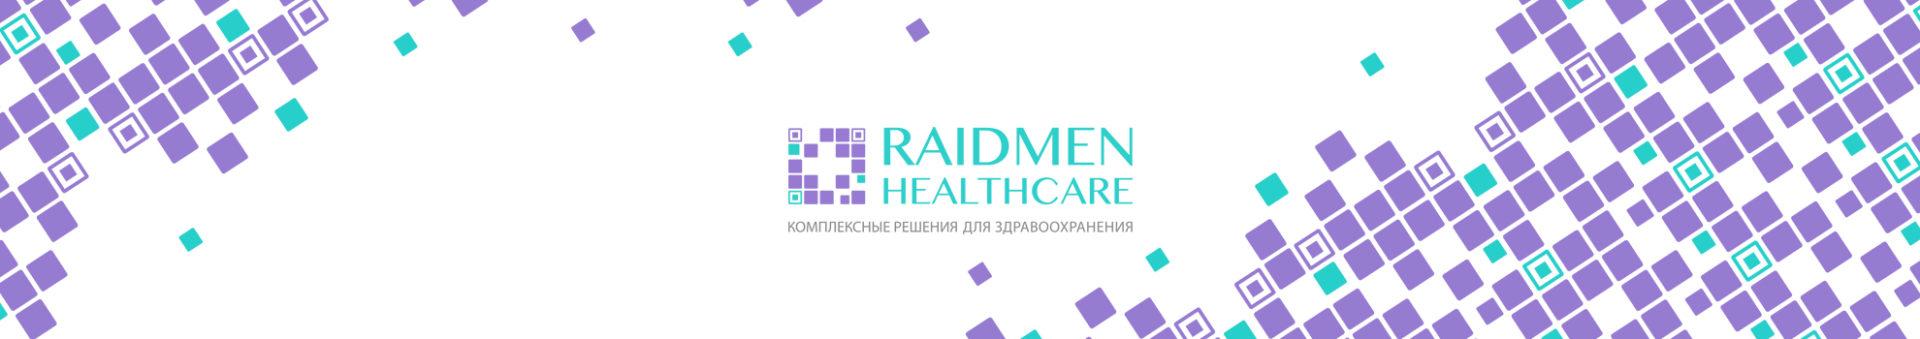 Разработан логотип и фирменный стиль для компании, предлагающей комплексные решения в сфере Здравоохранения.